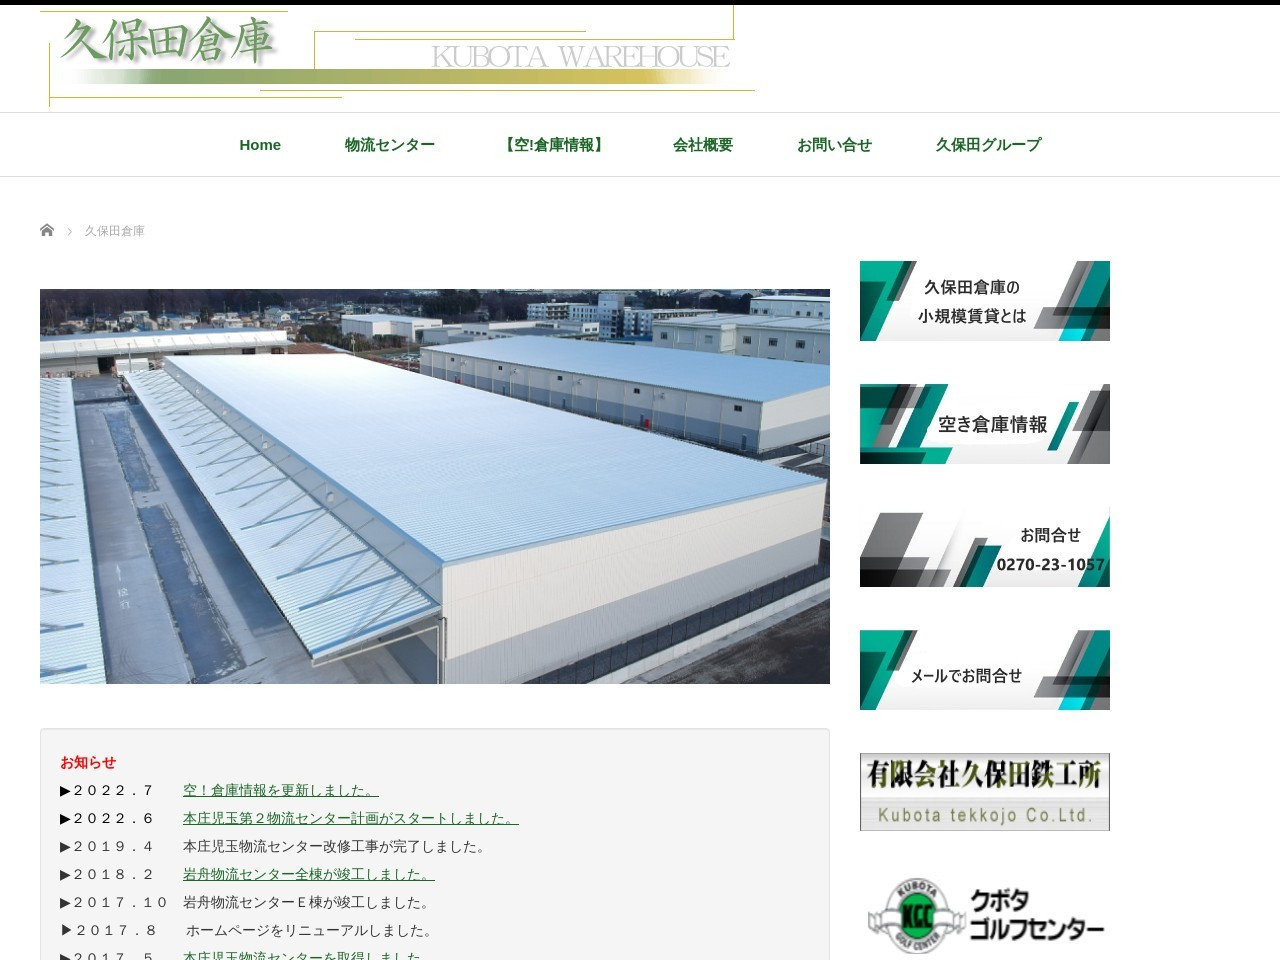 久保田倉庫有限会社